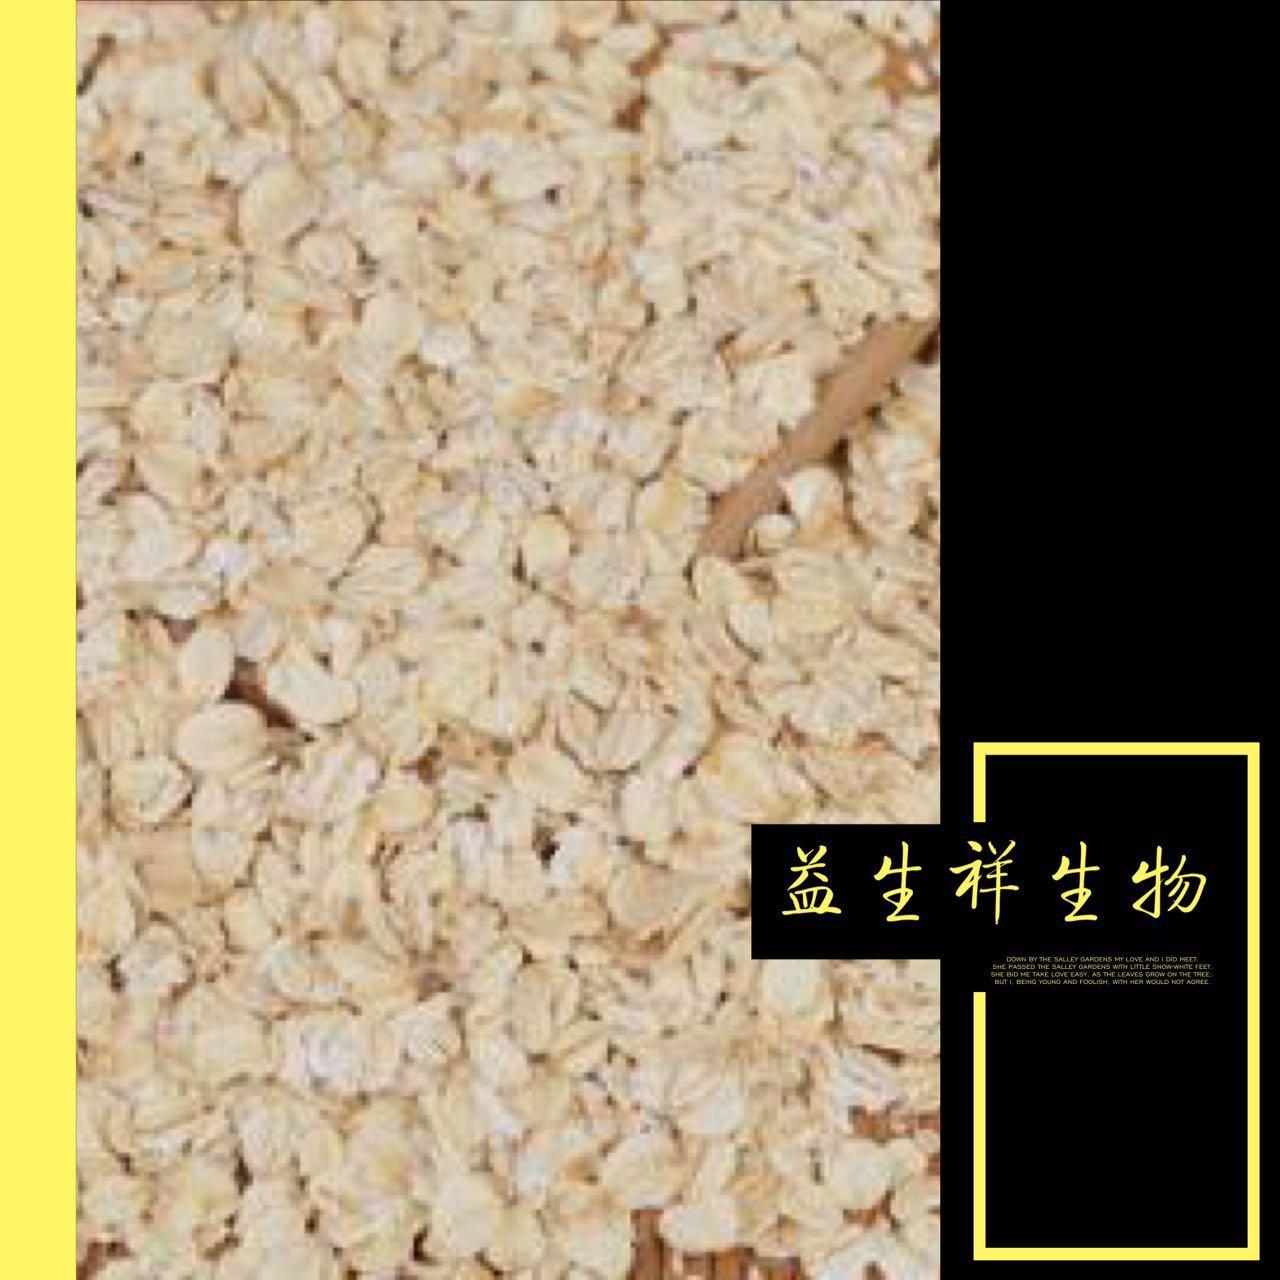 益生祥直销 五谷杂粮 燕麦葡聚糖  99%含量